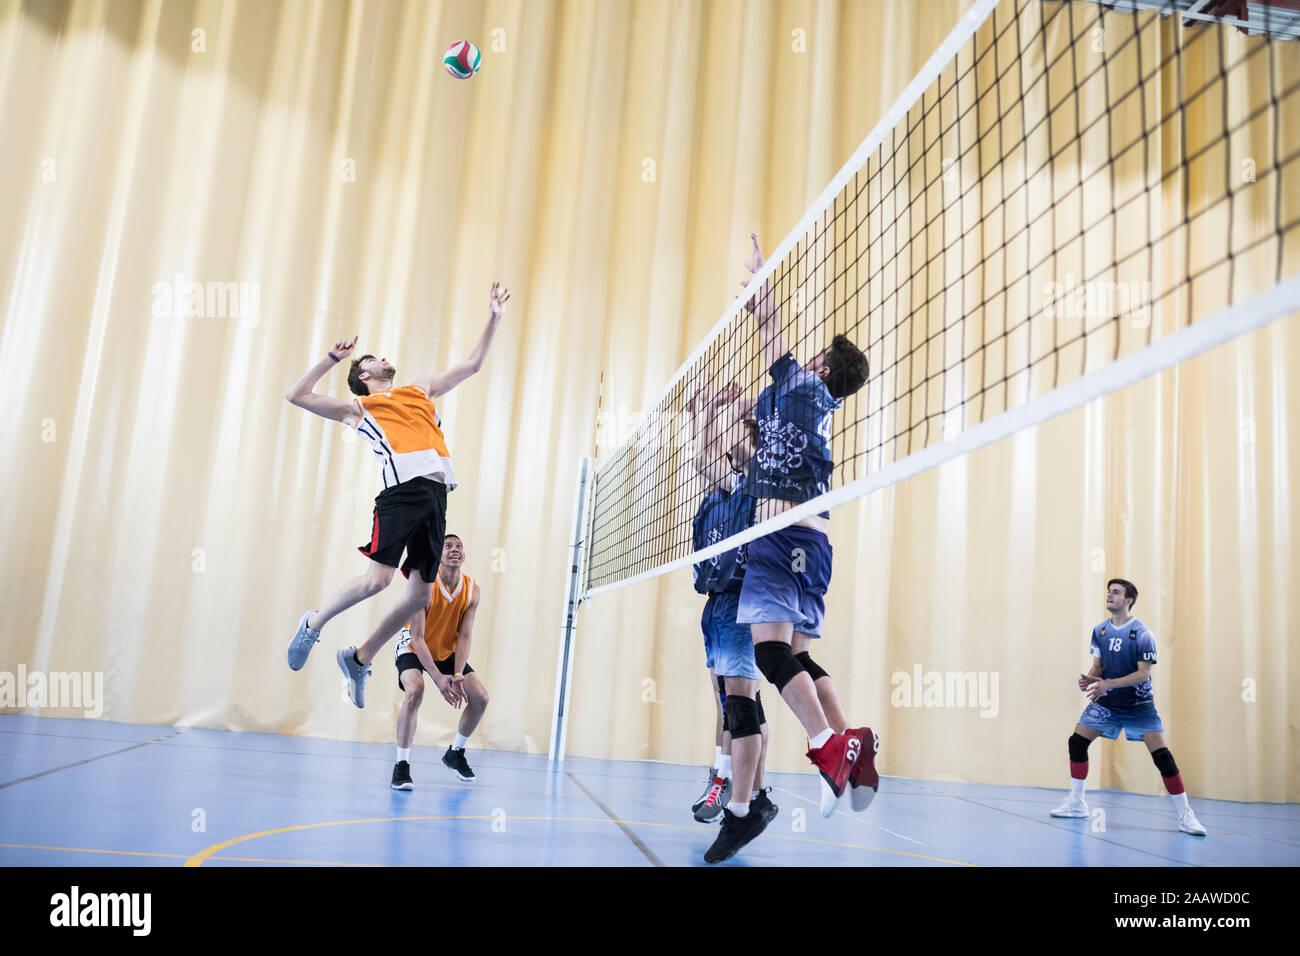 Hombre saltar durante una coincidencia de voleibol Foto de stock